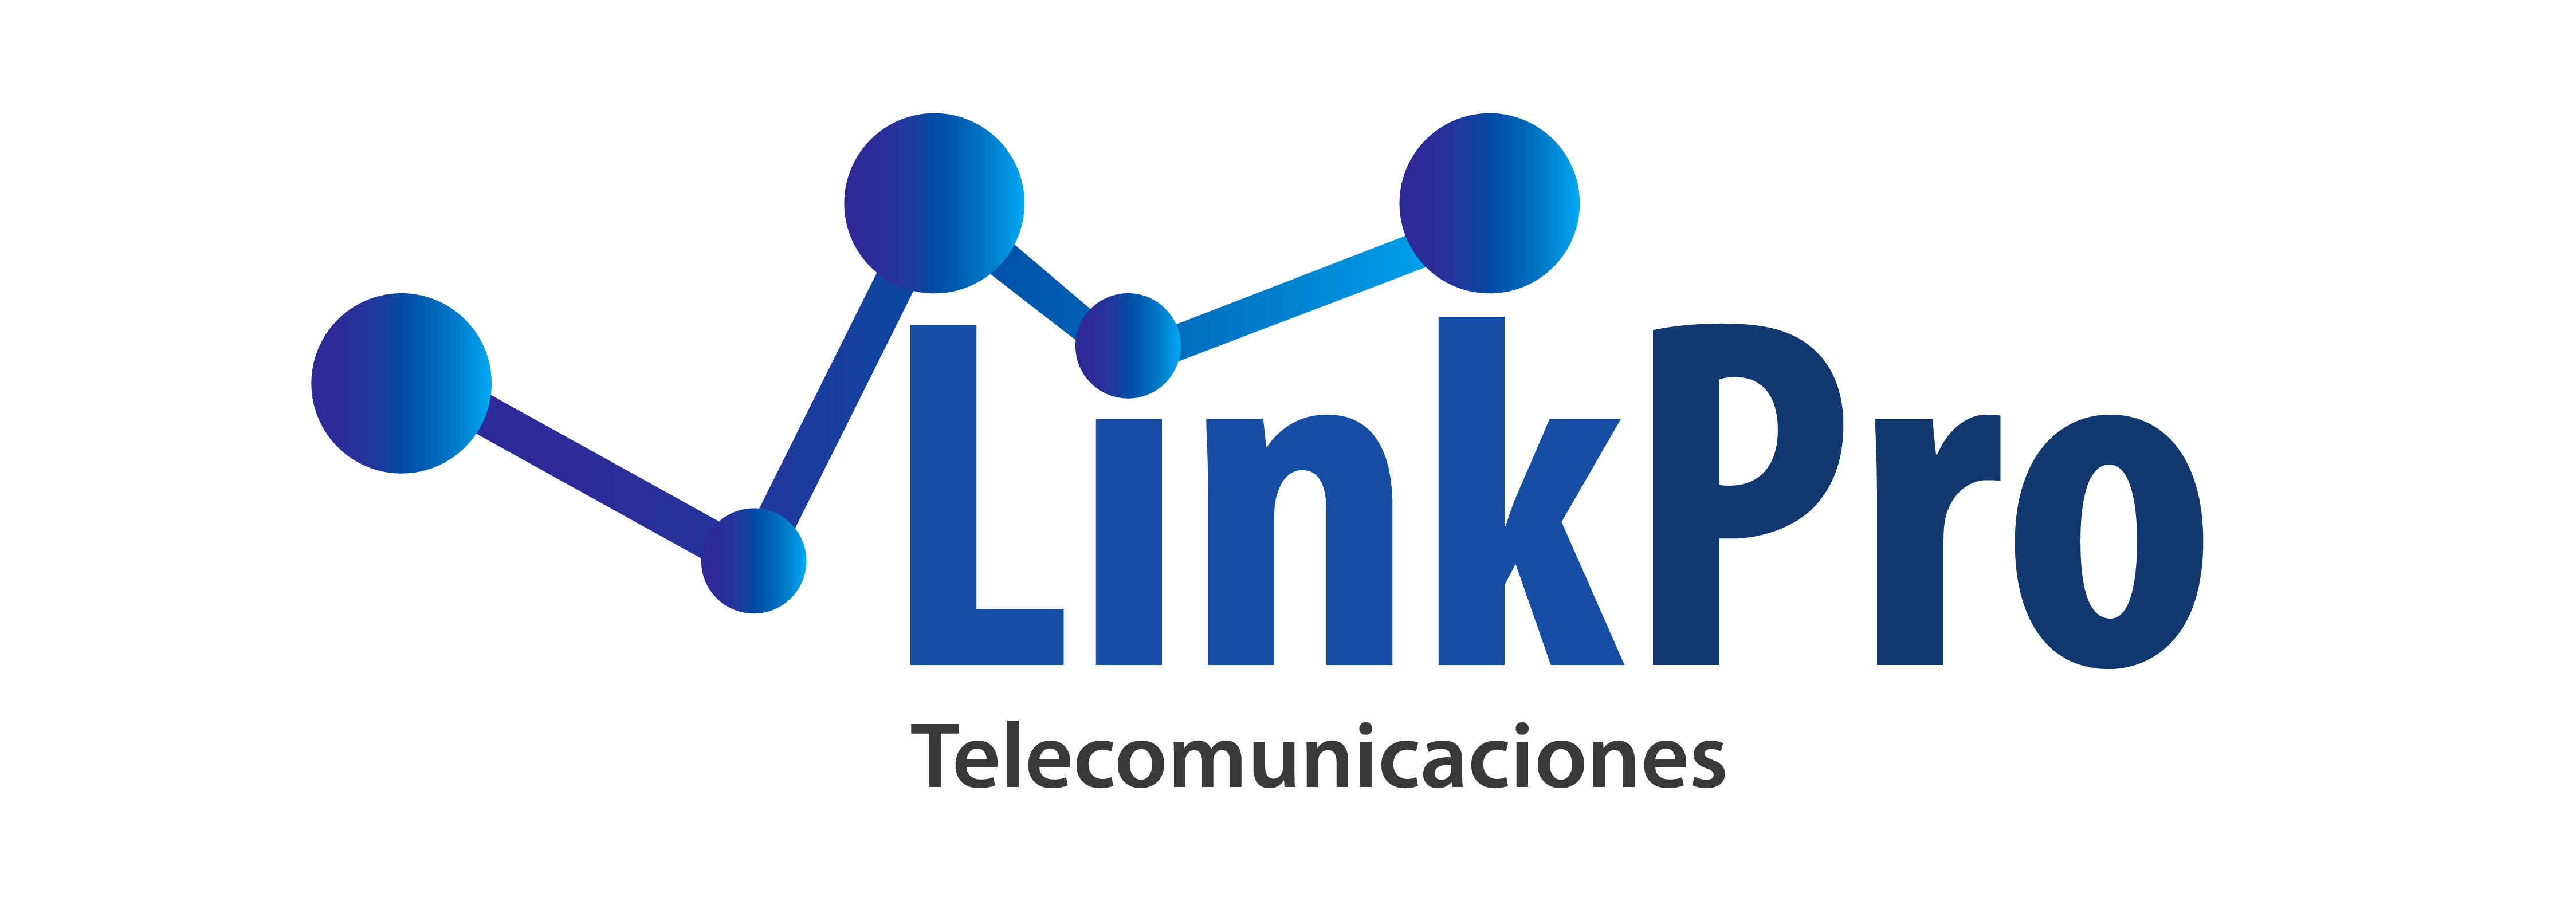 LinkPro